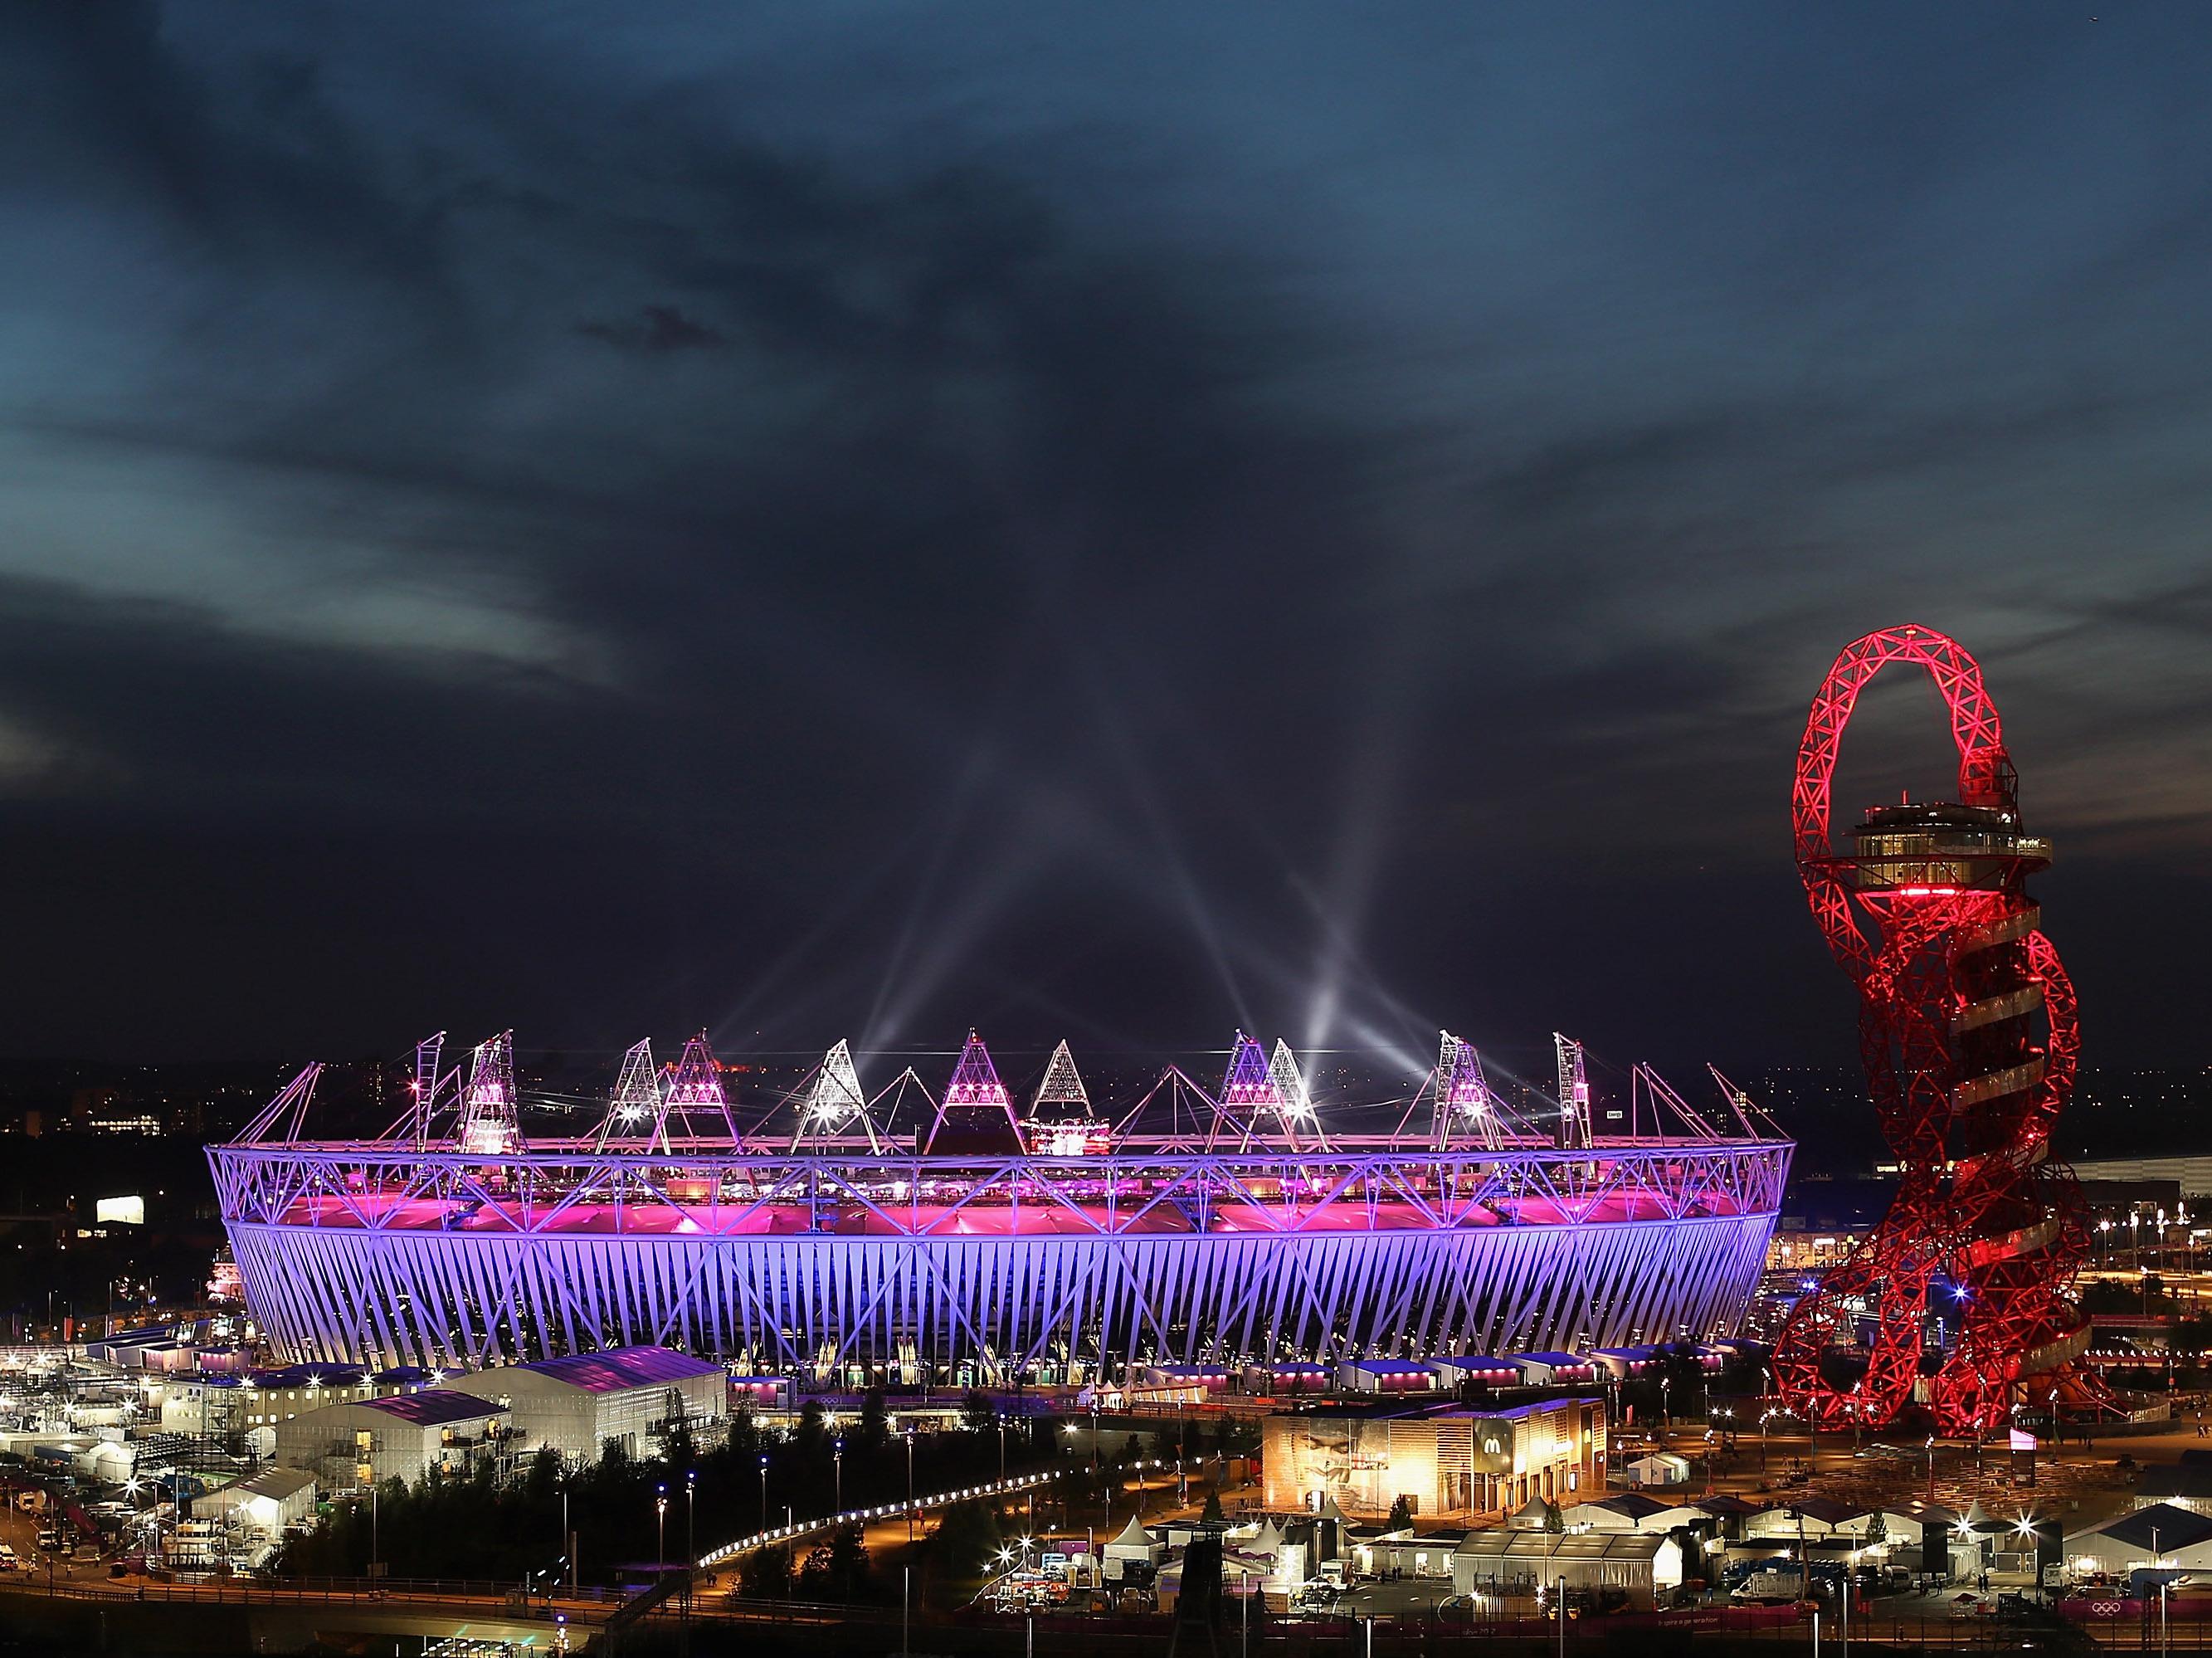 столица 26 летних олимпийских игр